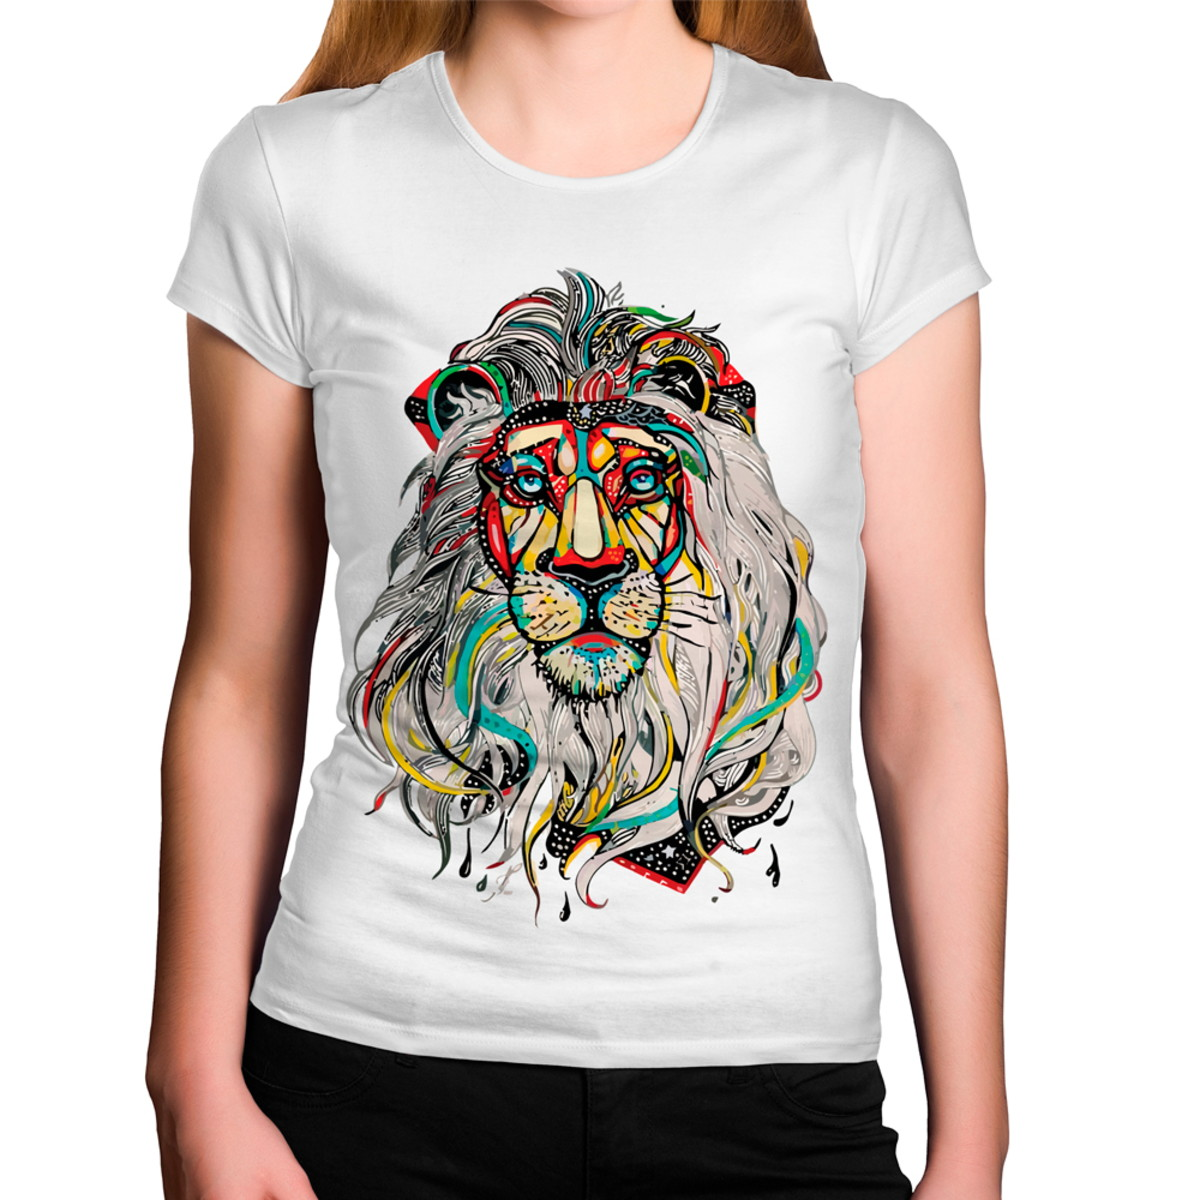 07a9b661a Camiseta Feminina Hippie Leão Colorido no Elo7 | Criatics (BECE99)